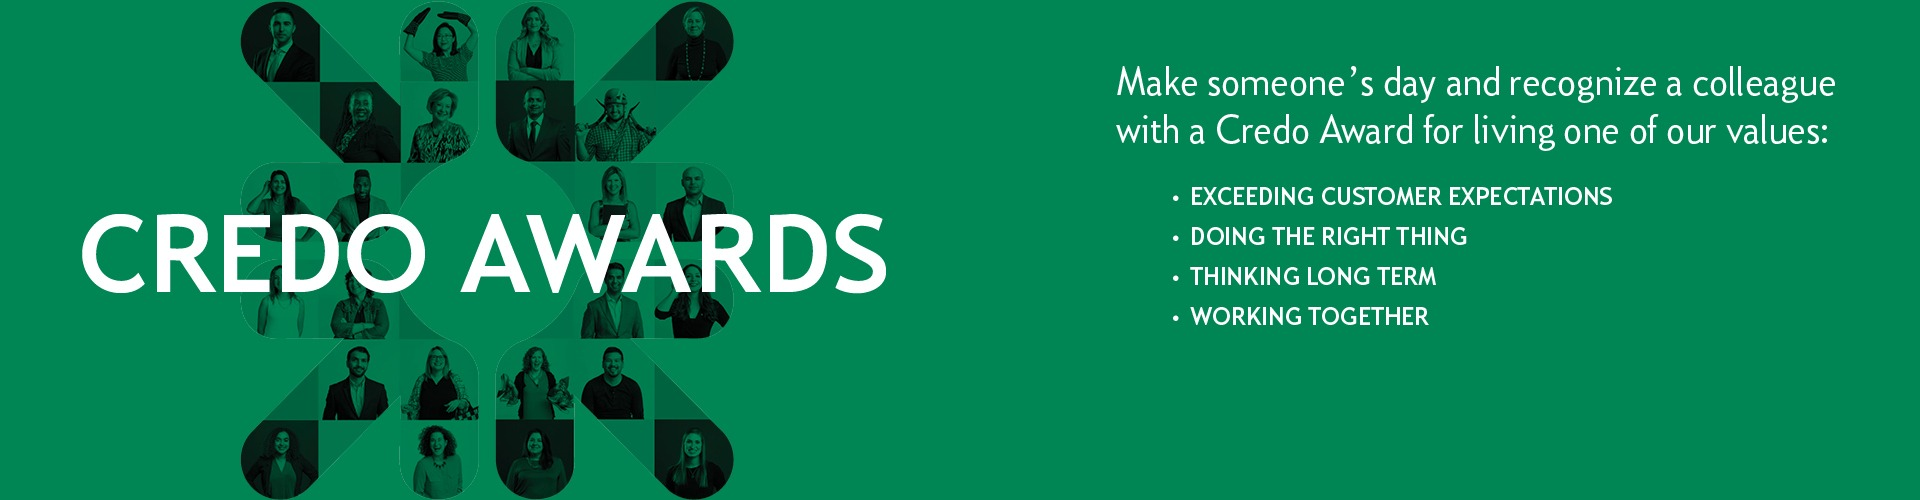 Citizens Credo Awards Platform